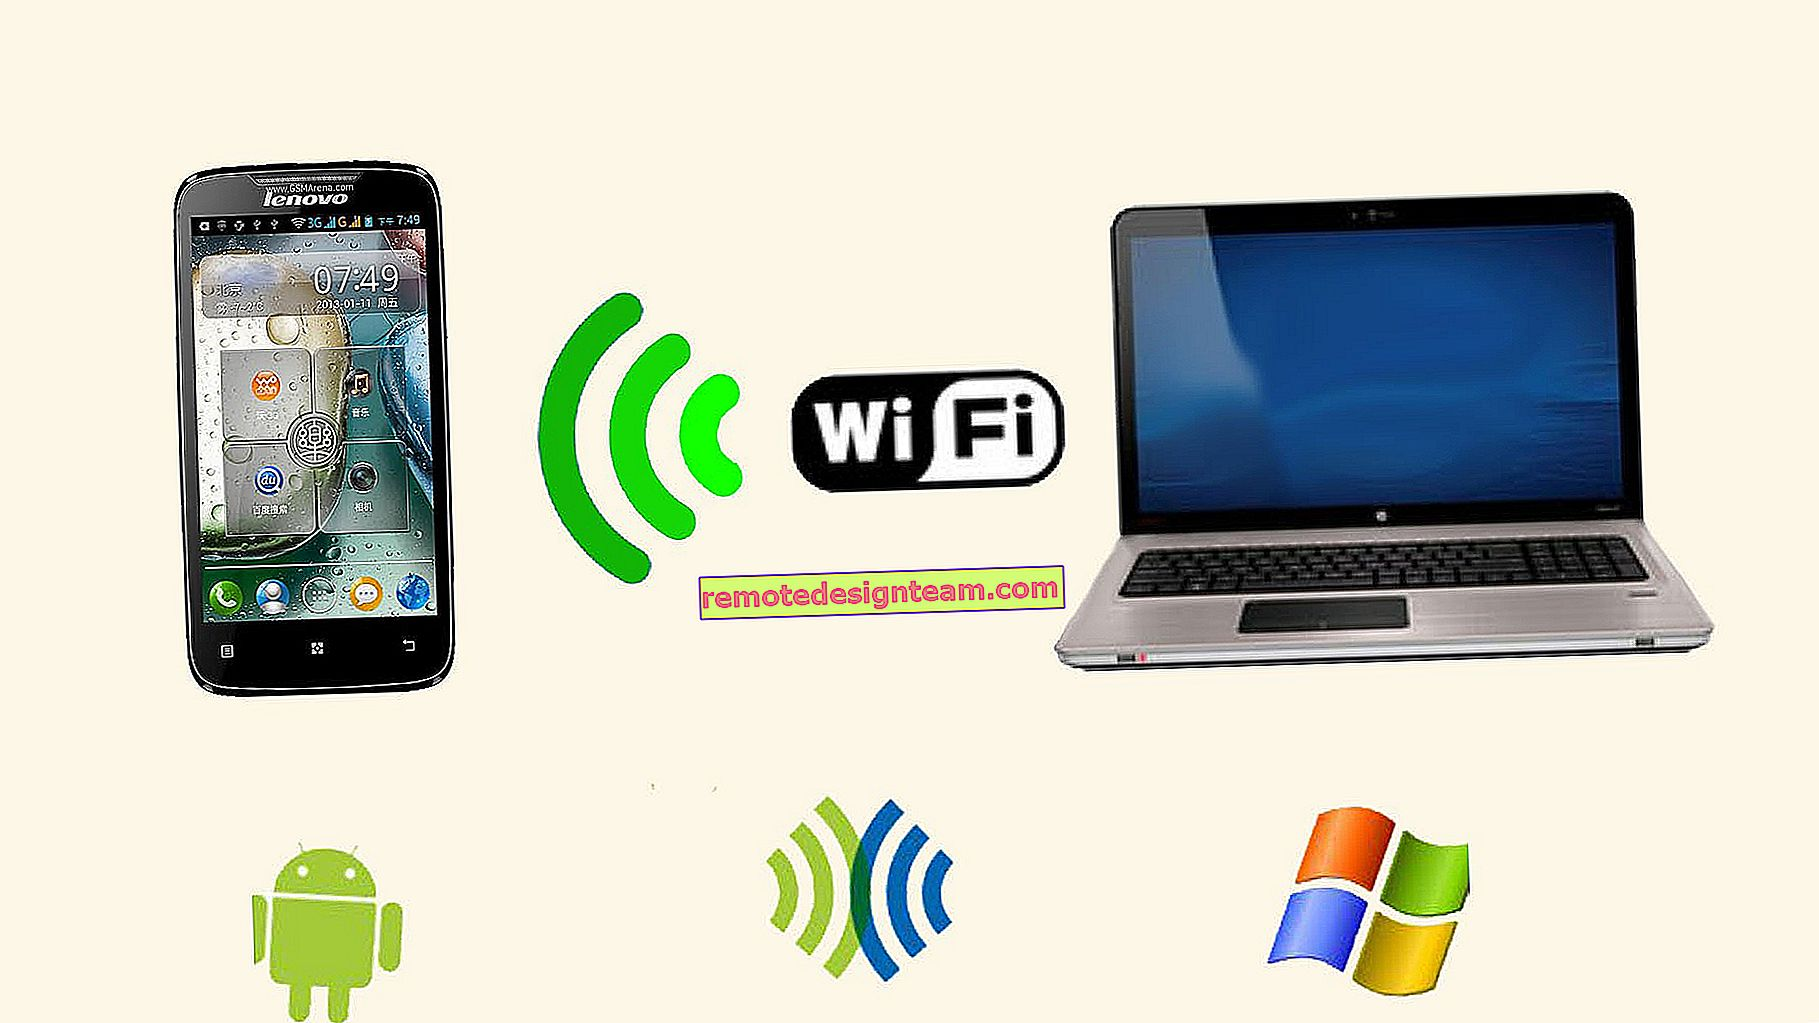 Avvia automaticamente la condivisione del Wi-Fi quando accendi il laptop